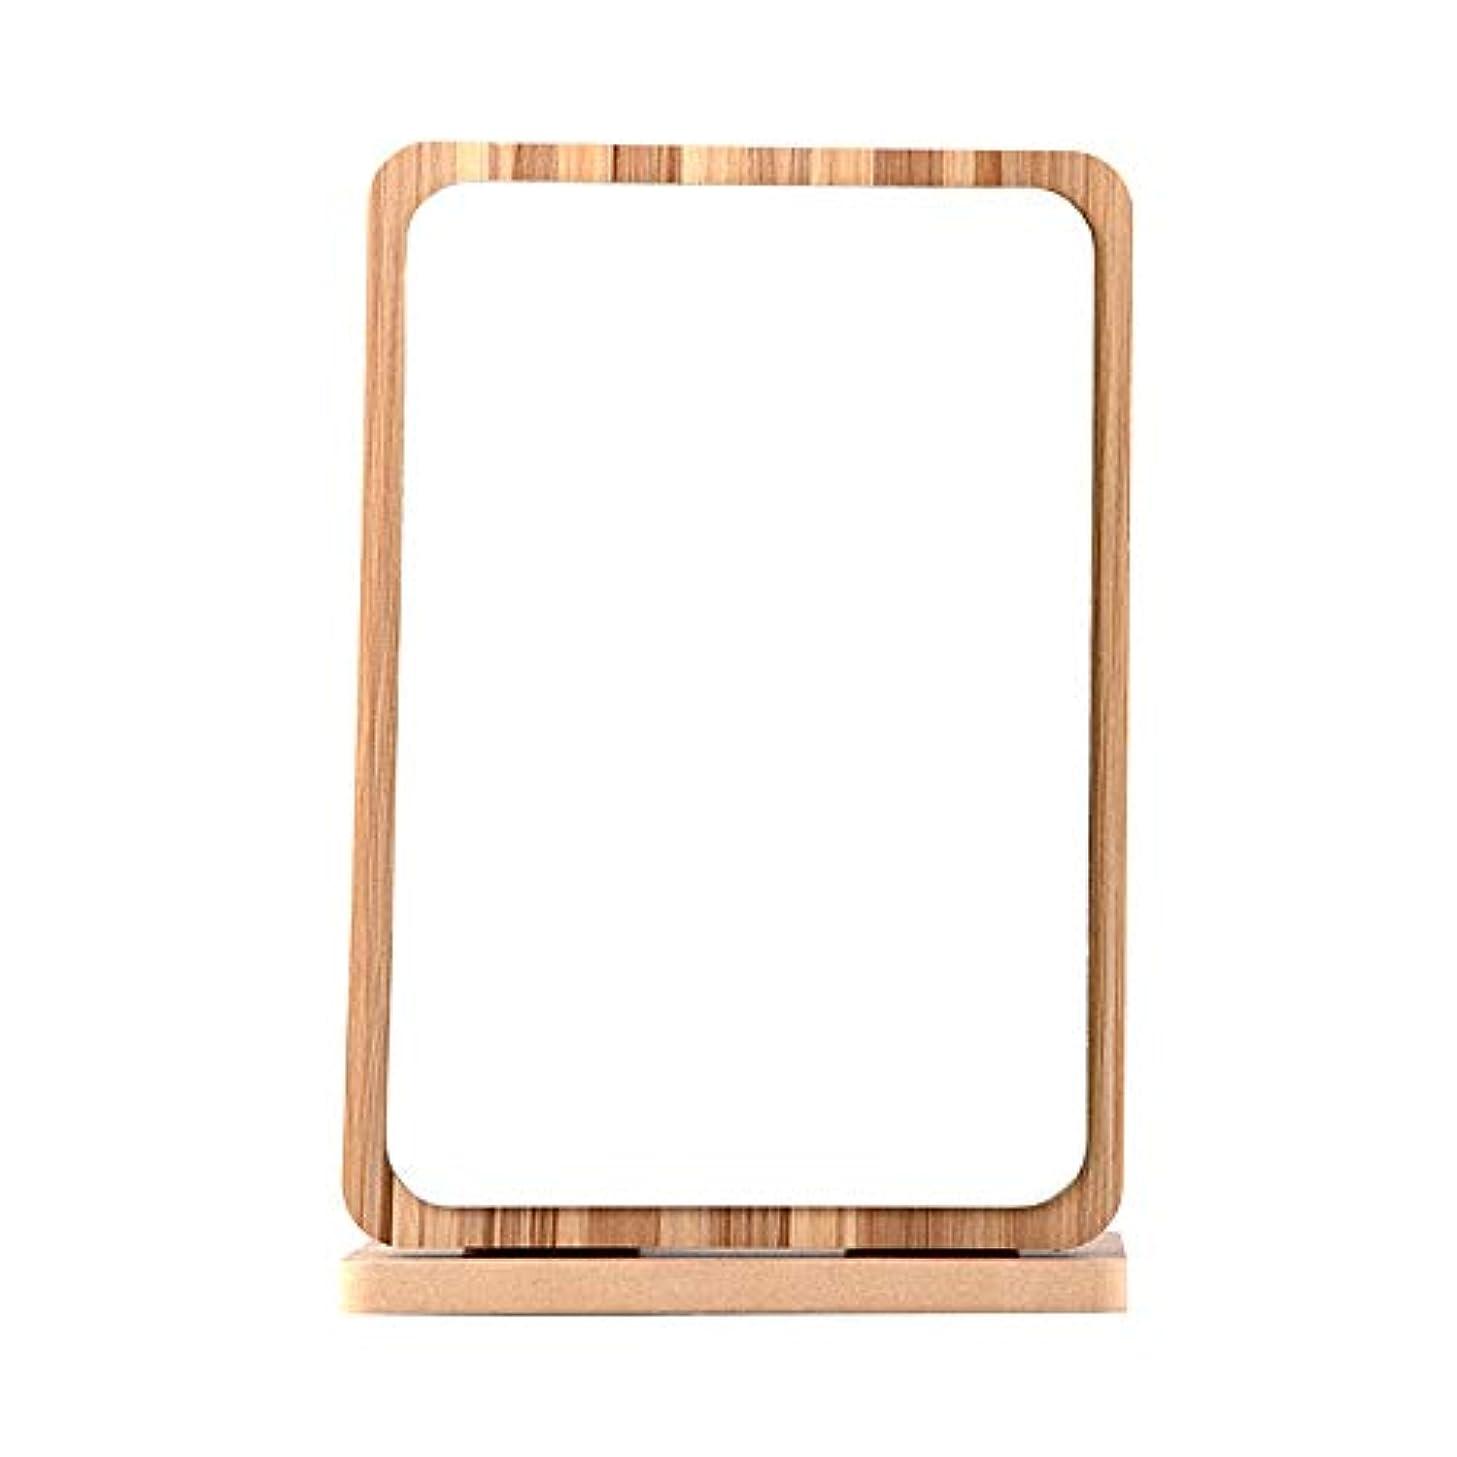 給料柔らかい足遅らせる鏡 卓上 化粧鏡 調整可能 90度回転 木 製 天然木 フレーム 木枠 タイプ